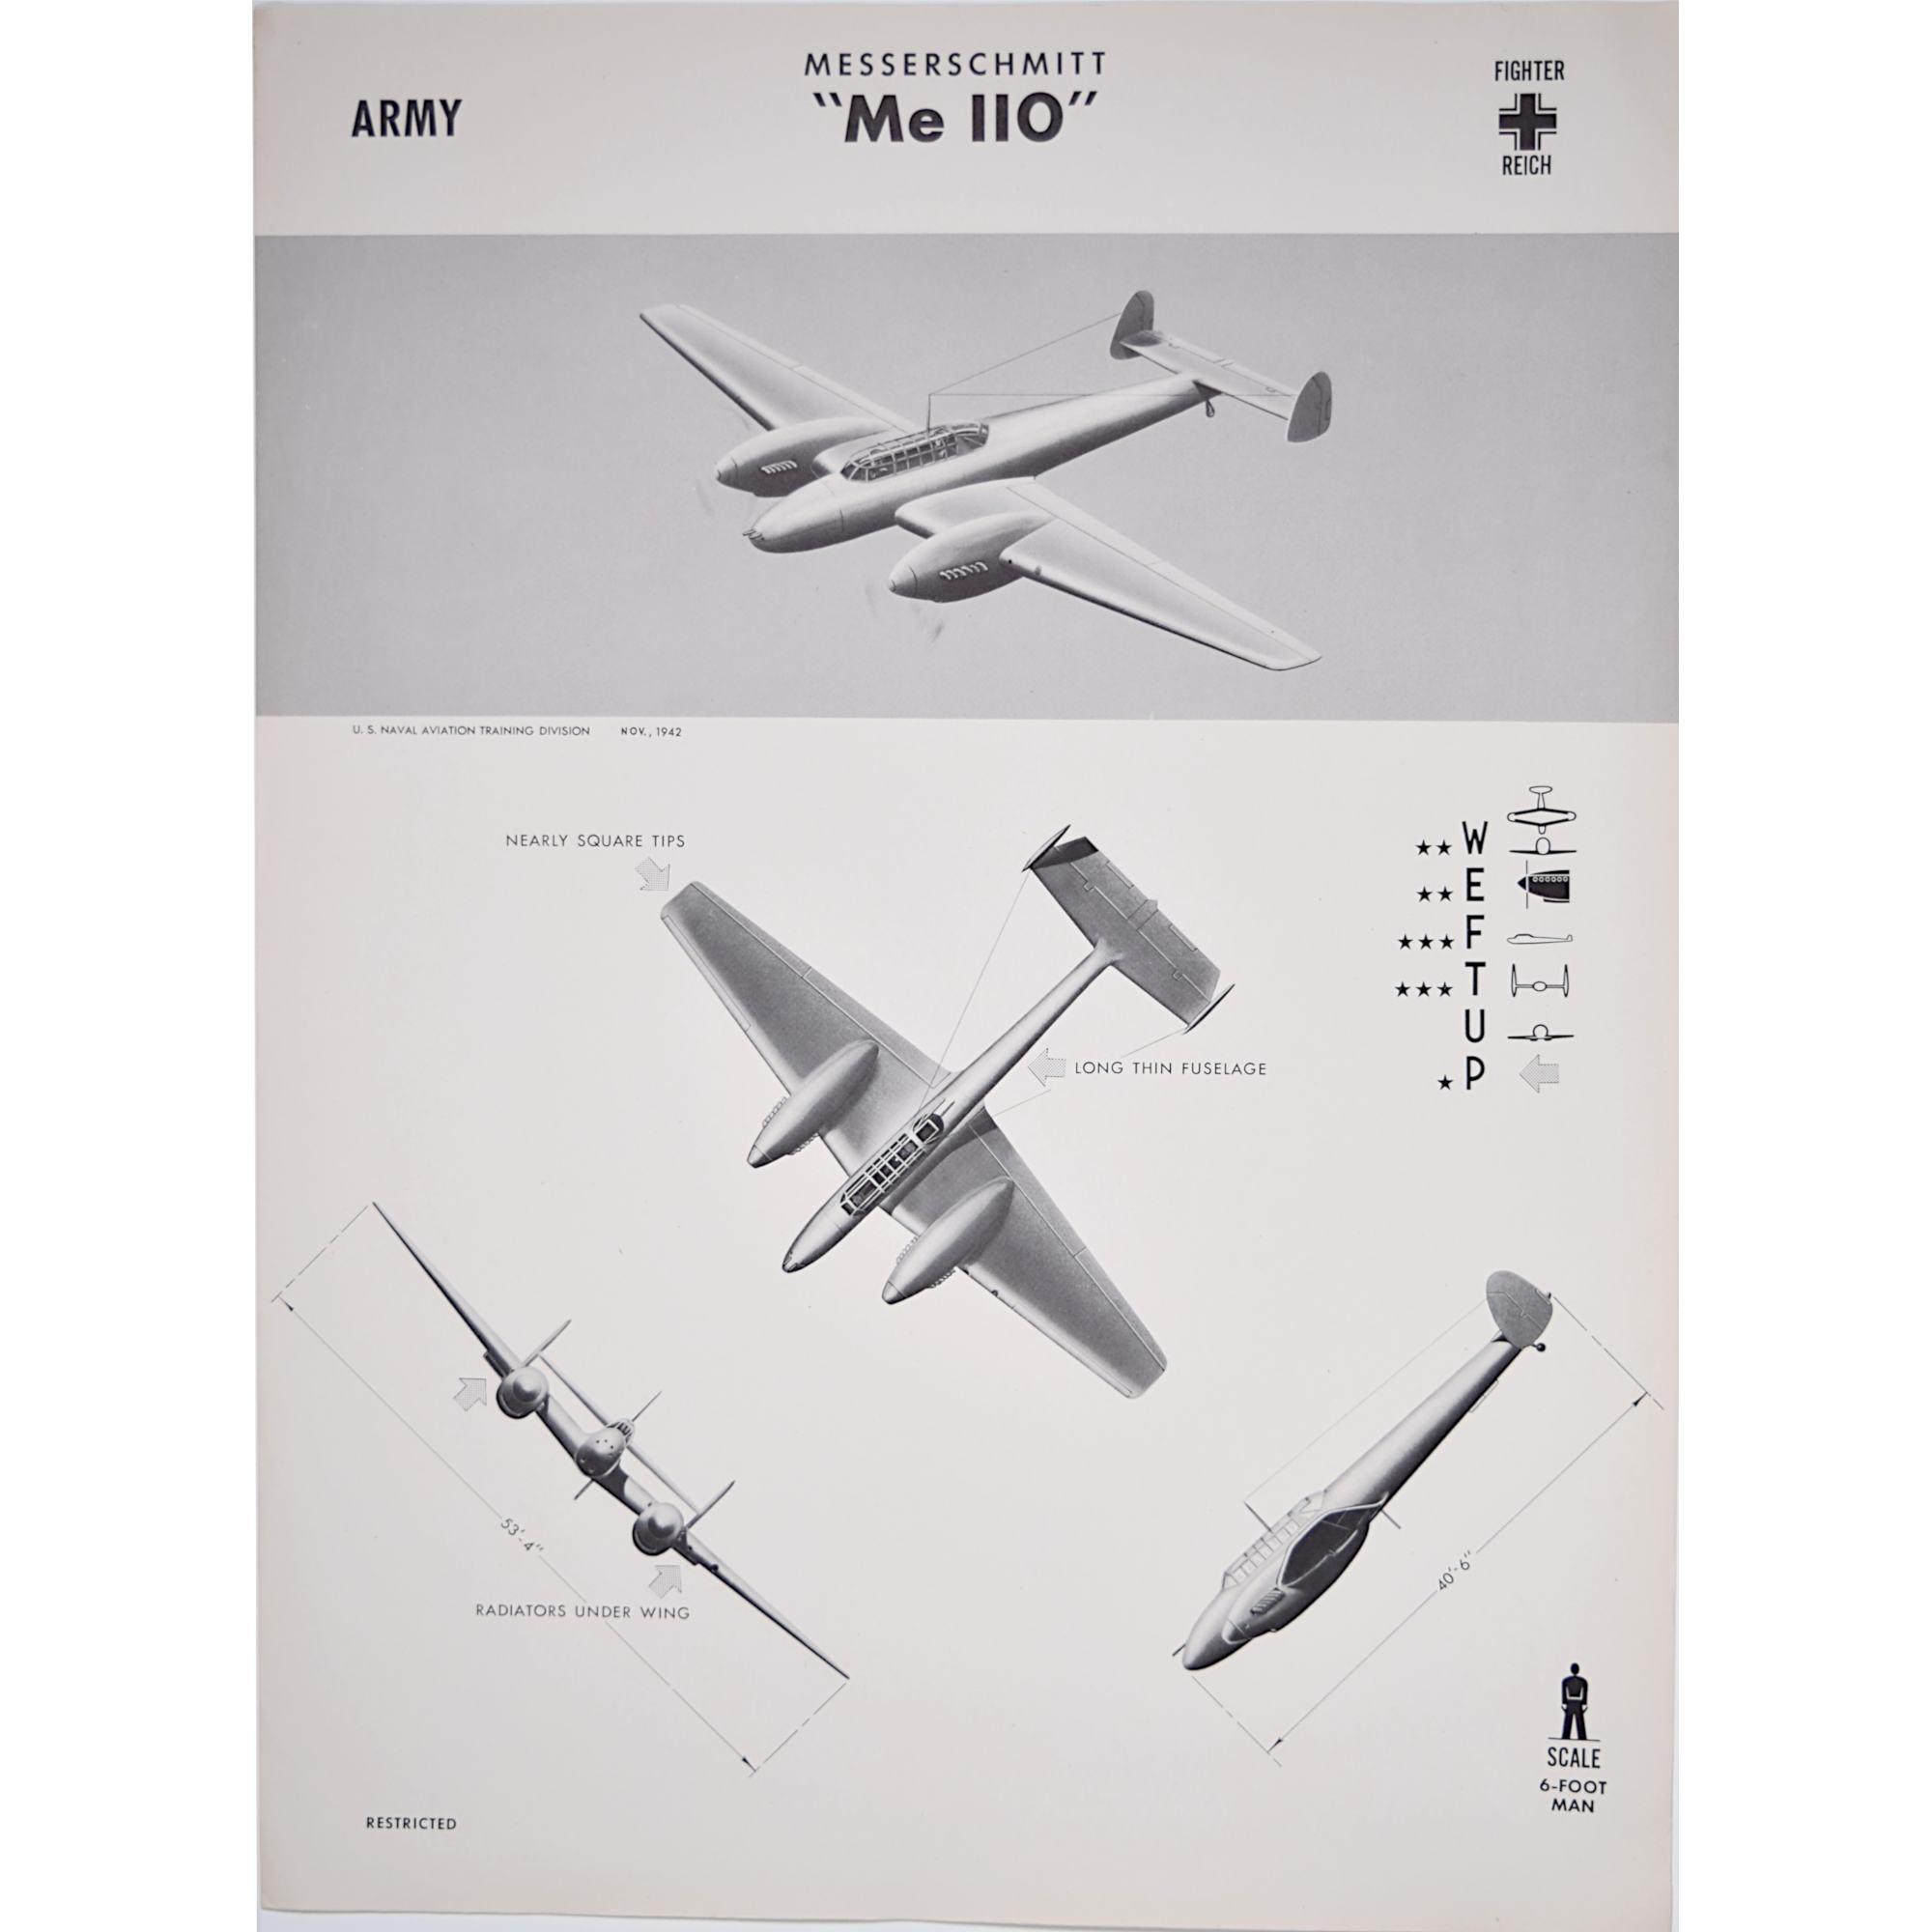 Messerschmitt Me 110 aircarft recognition poster